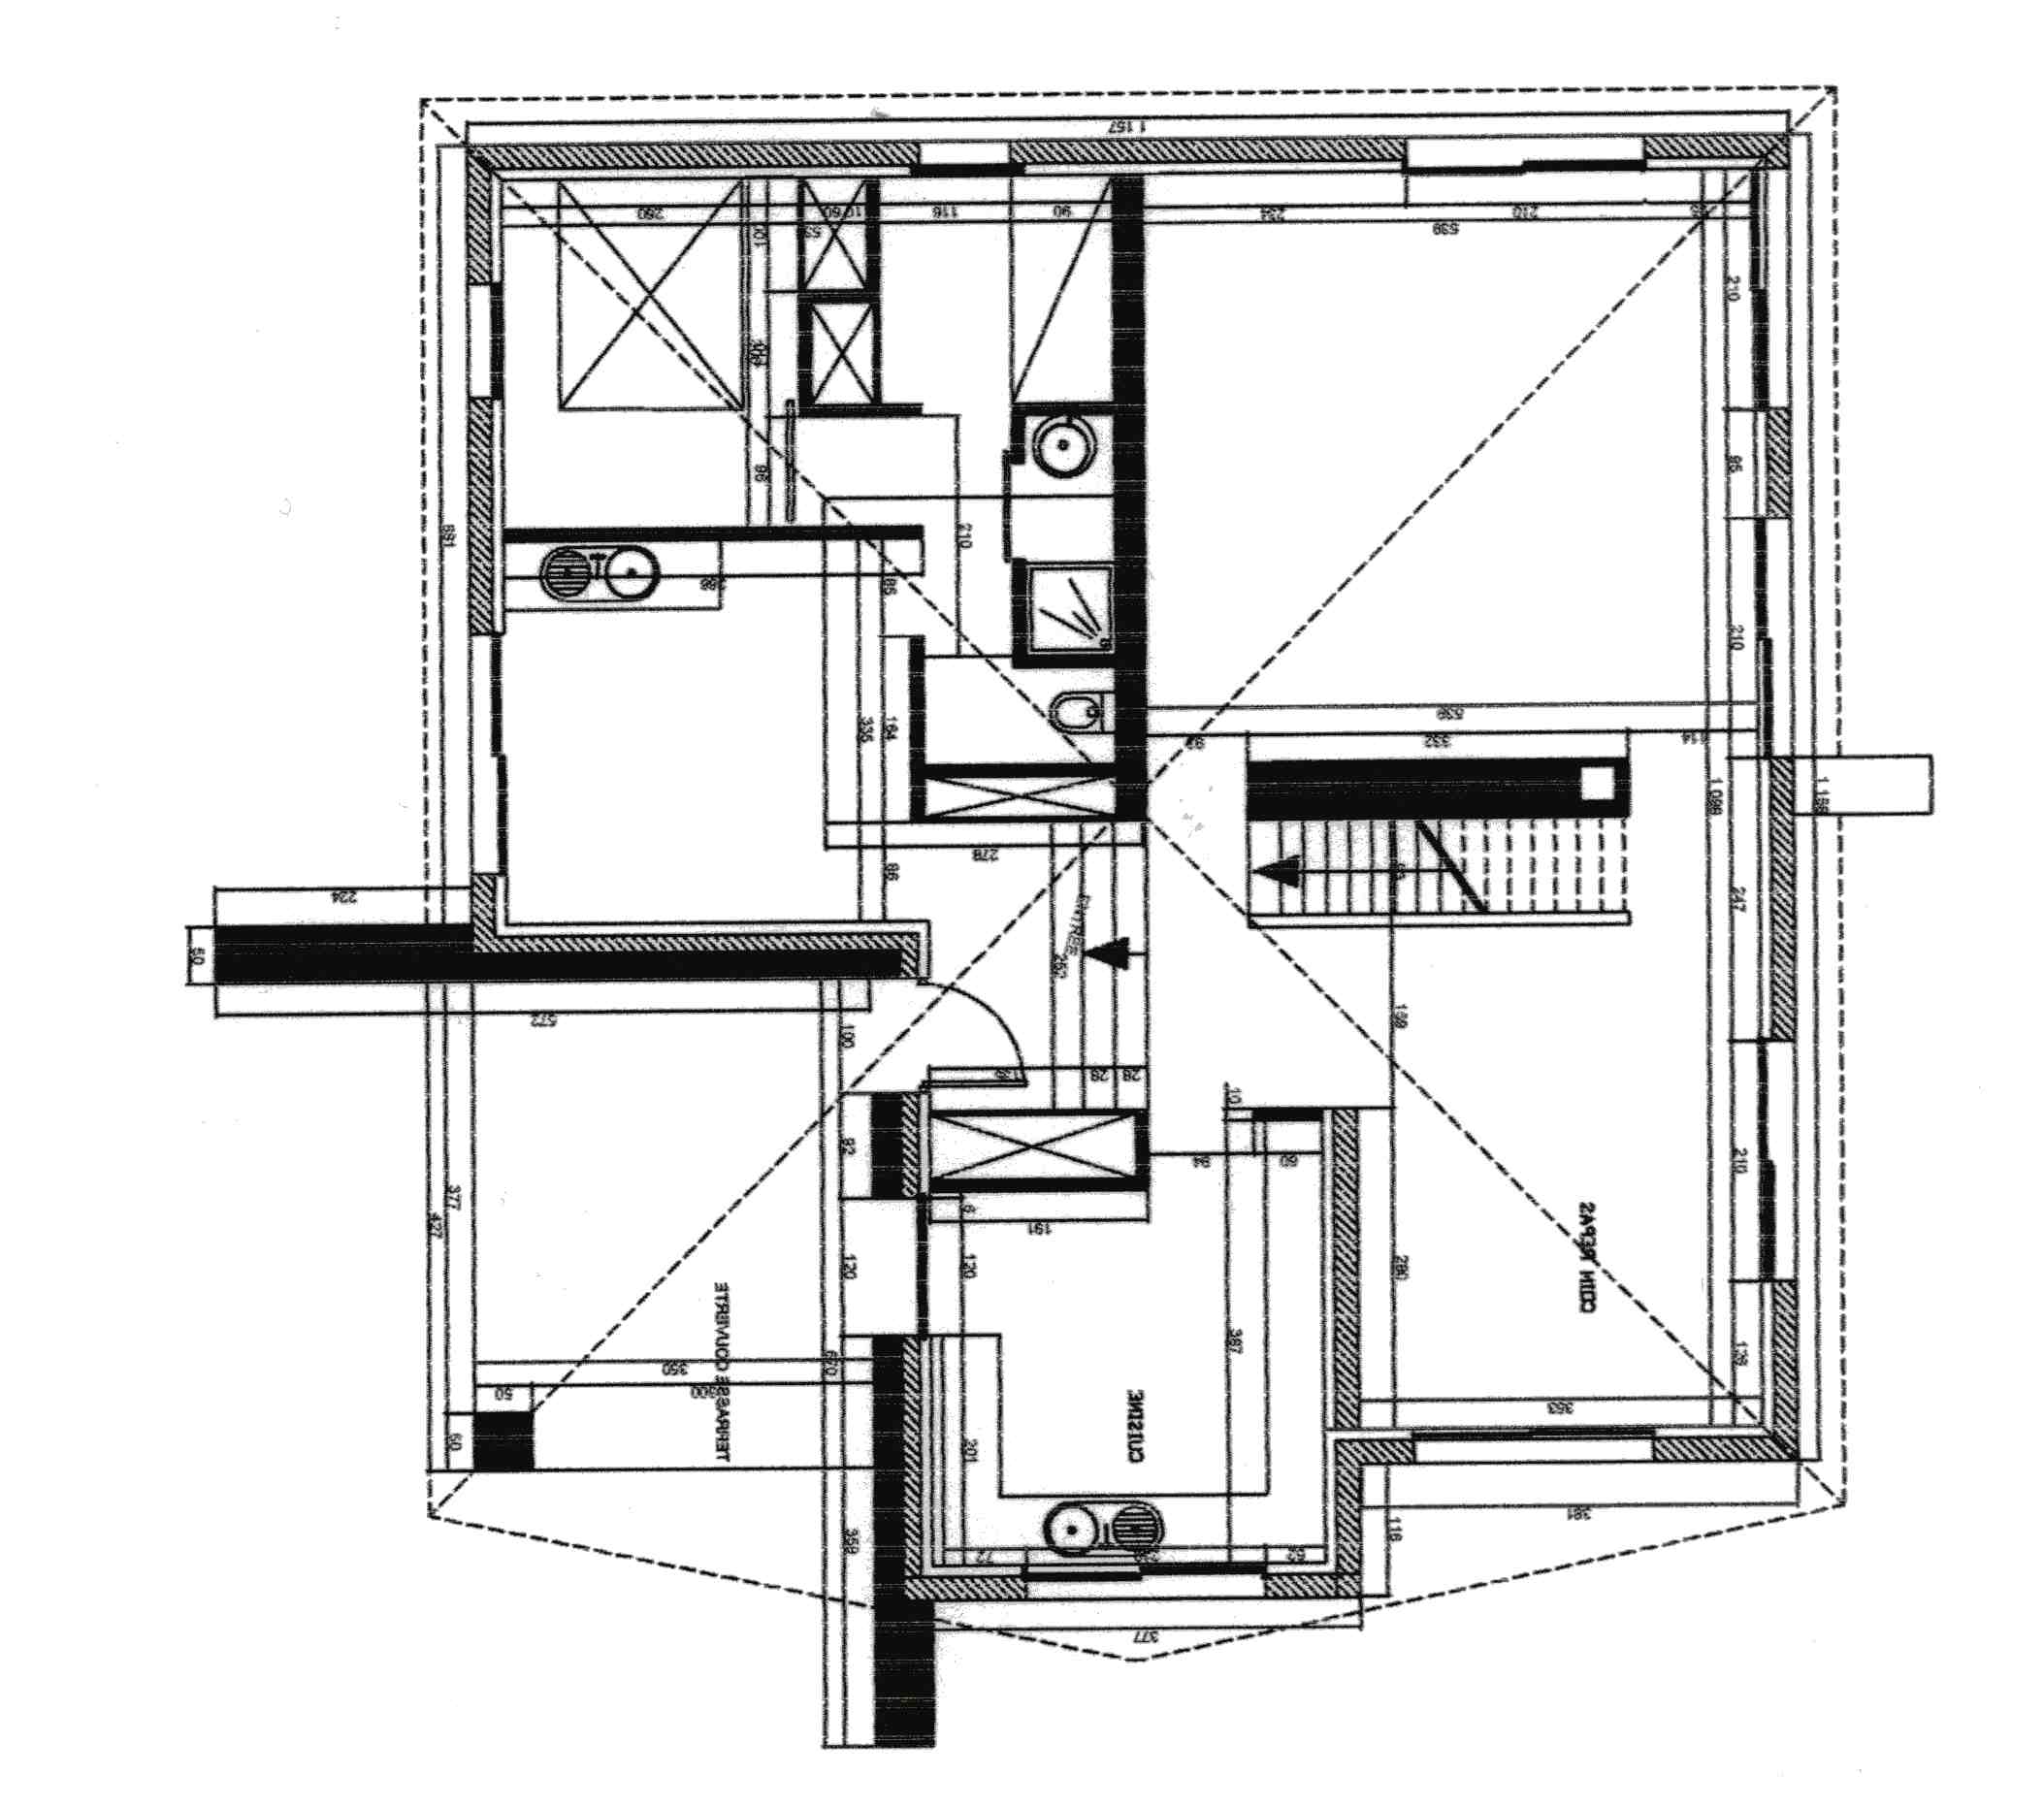 Conception de plan d'une maison ossature bois pour autoconstruction